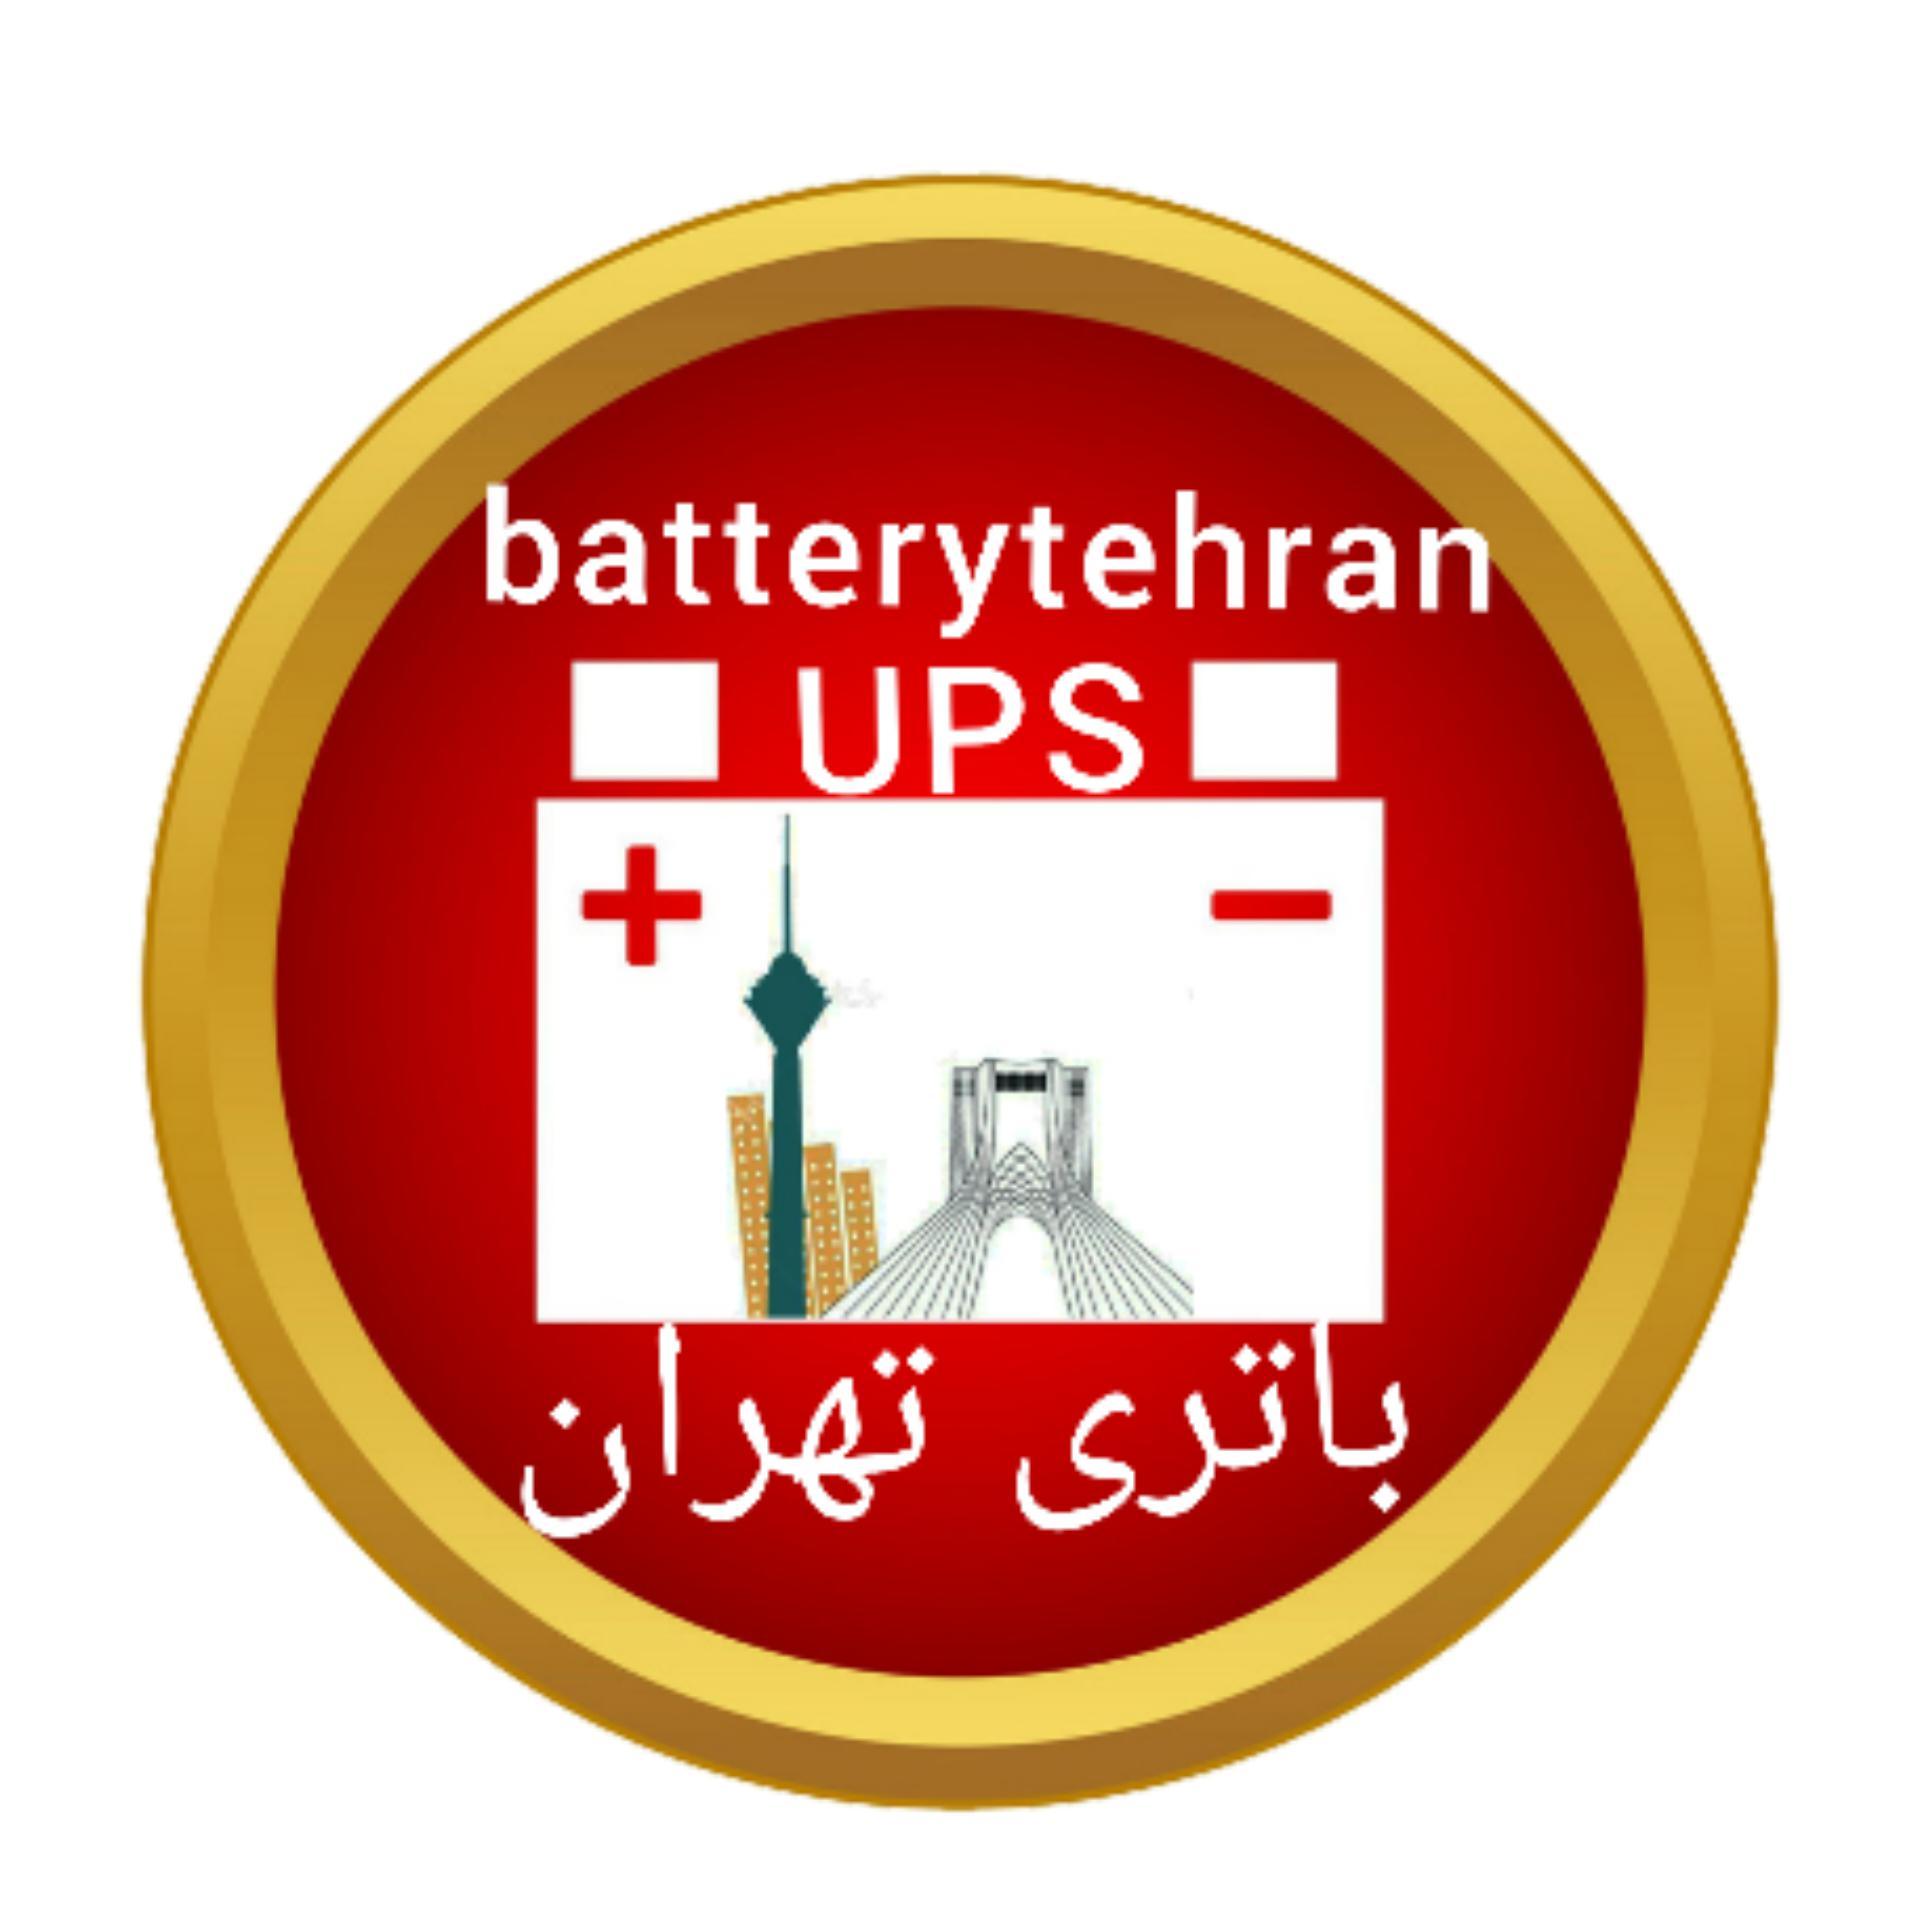 فروشگاه مجموعه باتری تهران (UPS)